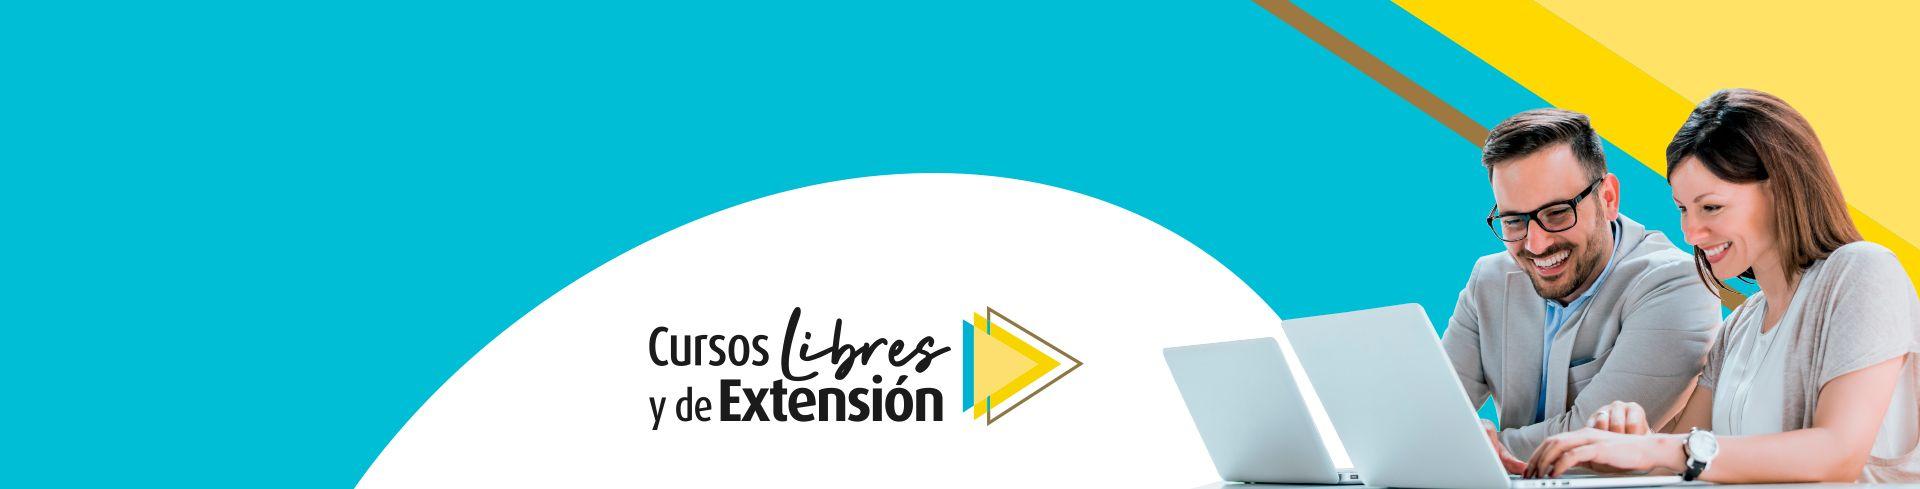 Cursos Libres y de Extensión - Derecho en Uniandes